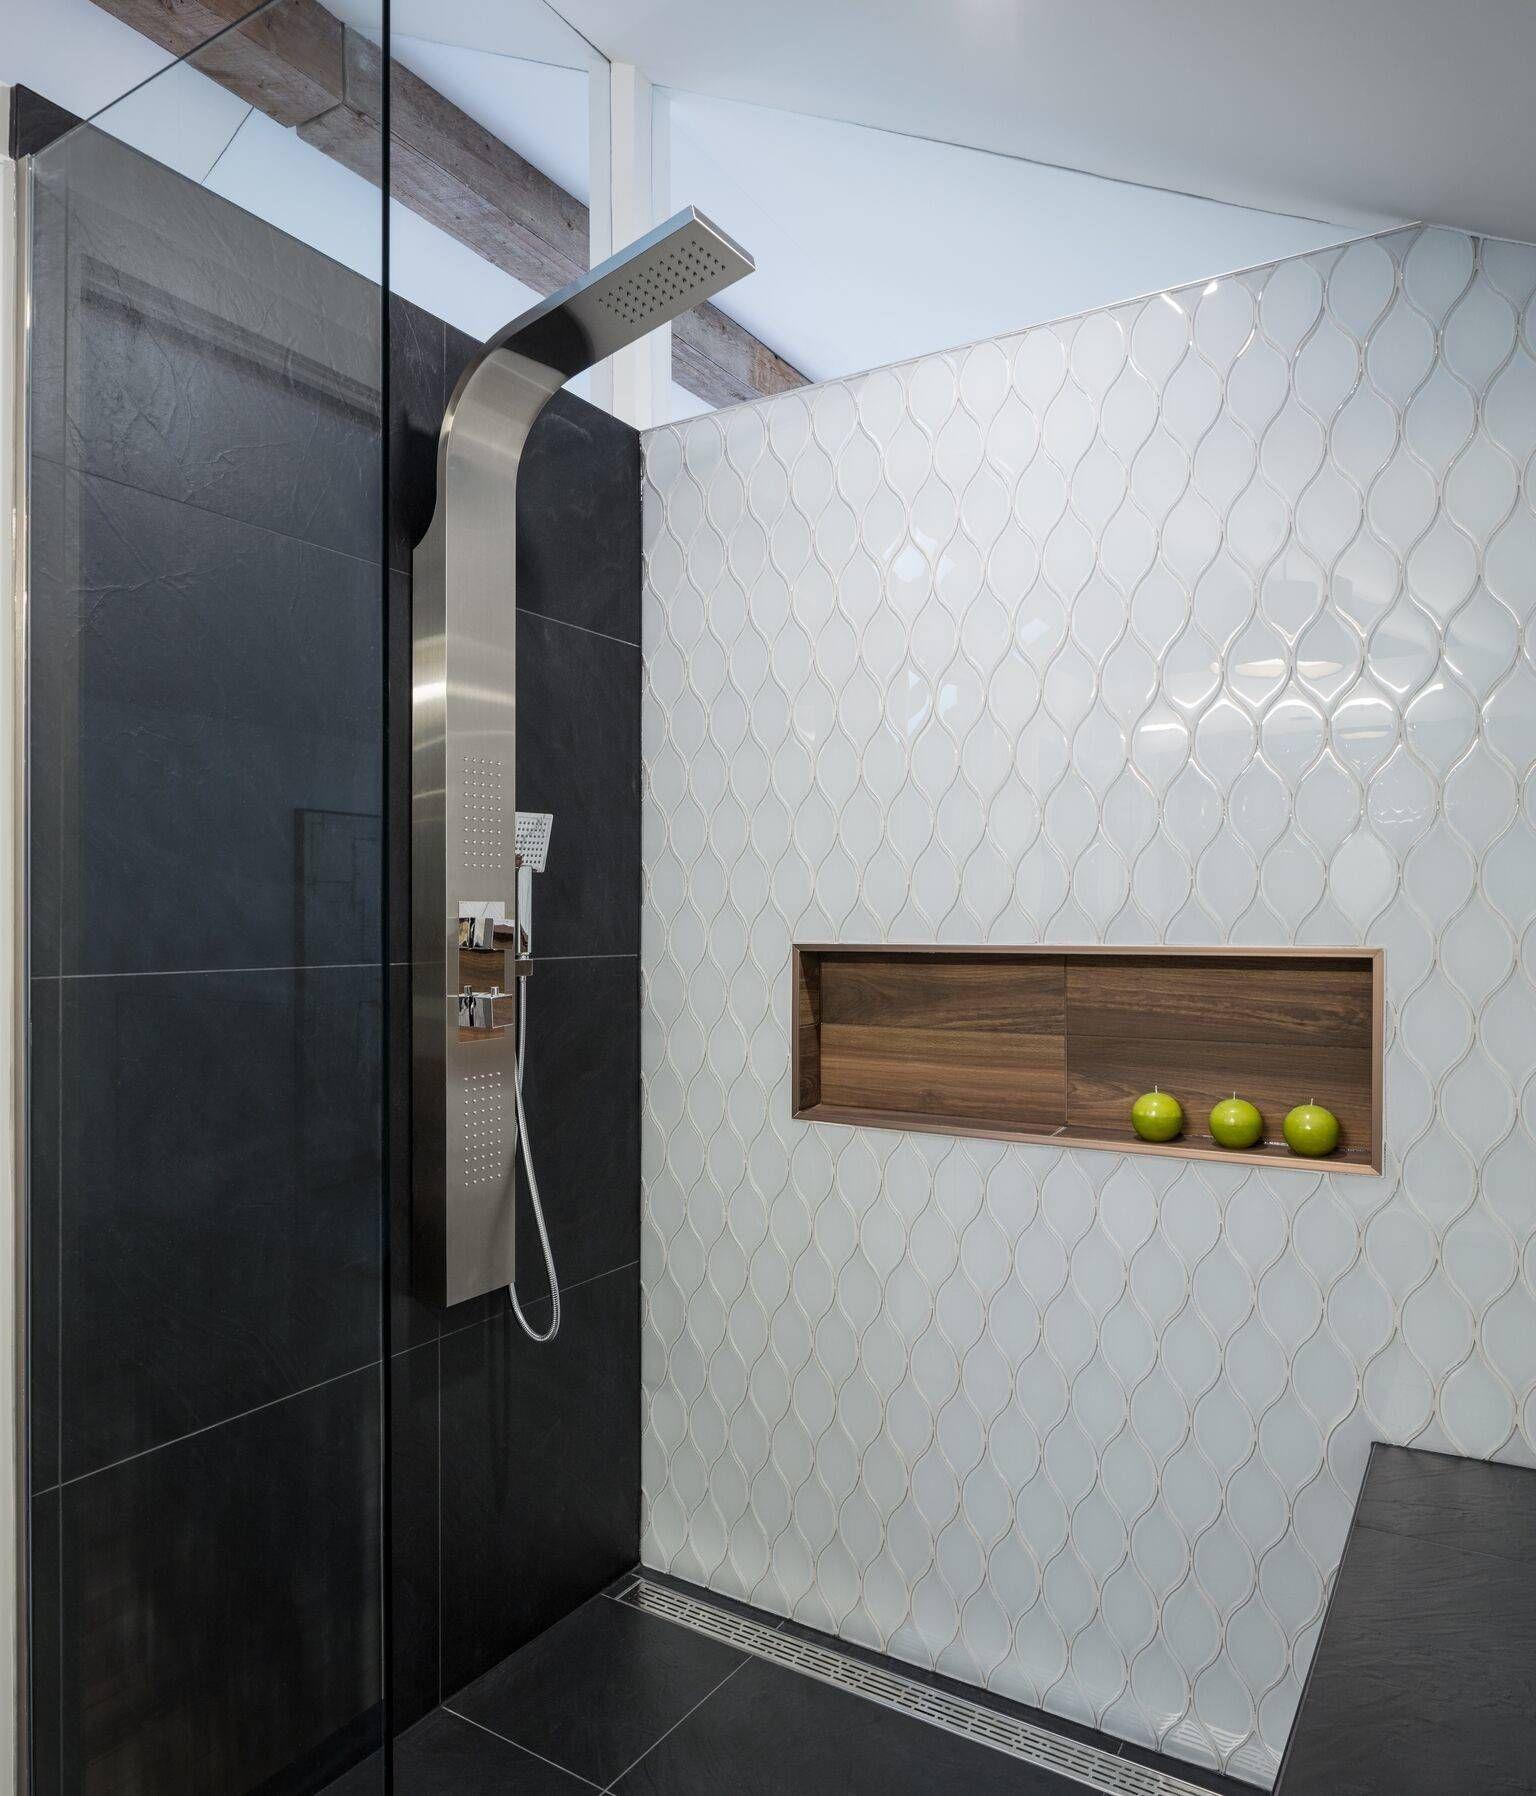 15 Holzfliesenduschen F R Ihr Badezimmer #Badezimmer #Holzfliesenduschen